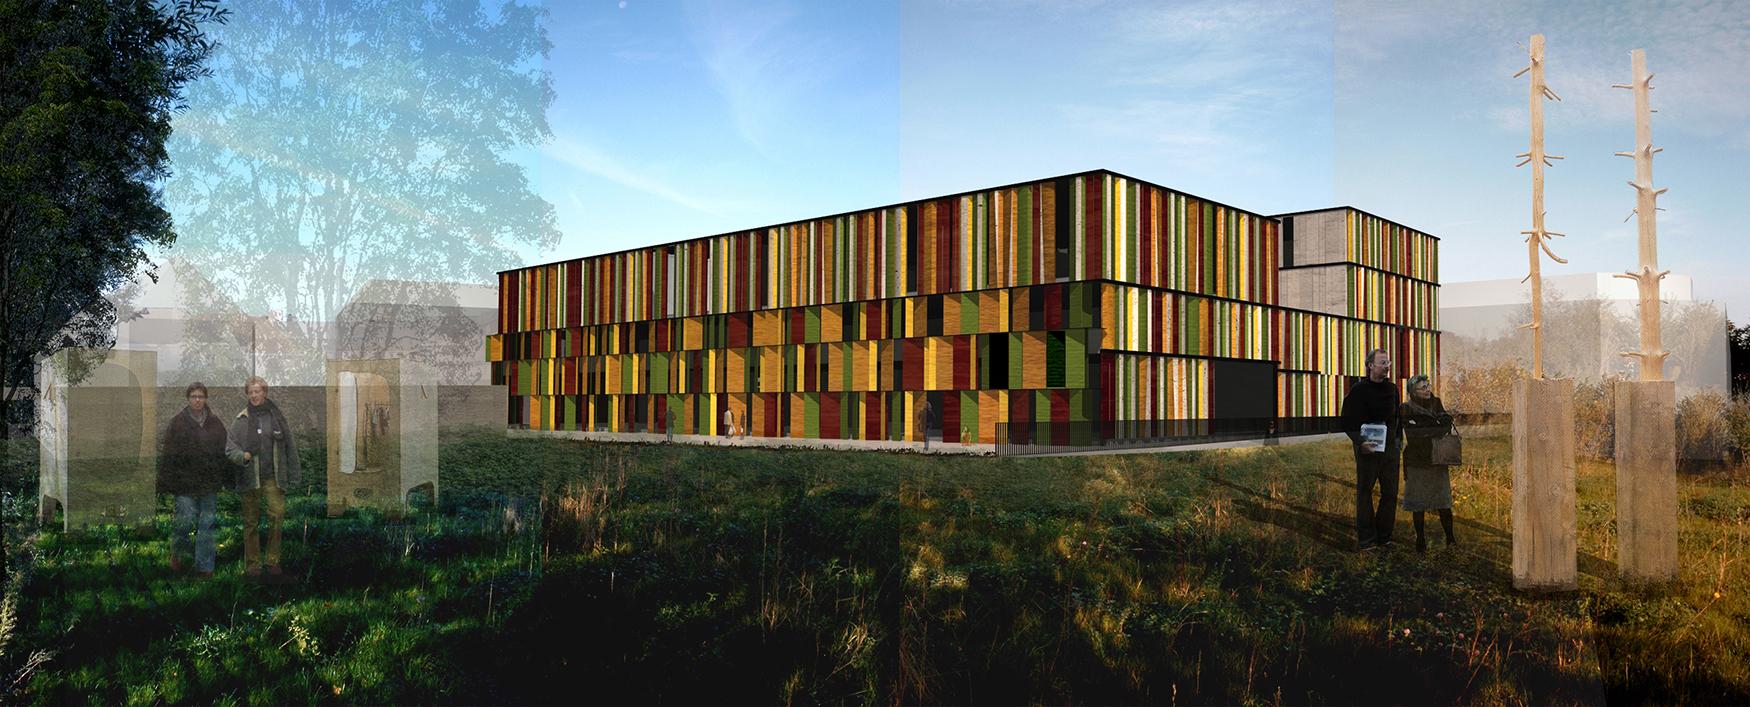 zuidgevel-bibliotheek